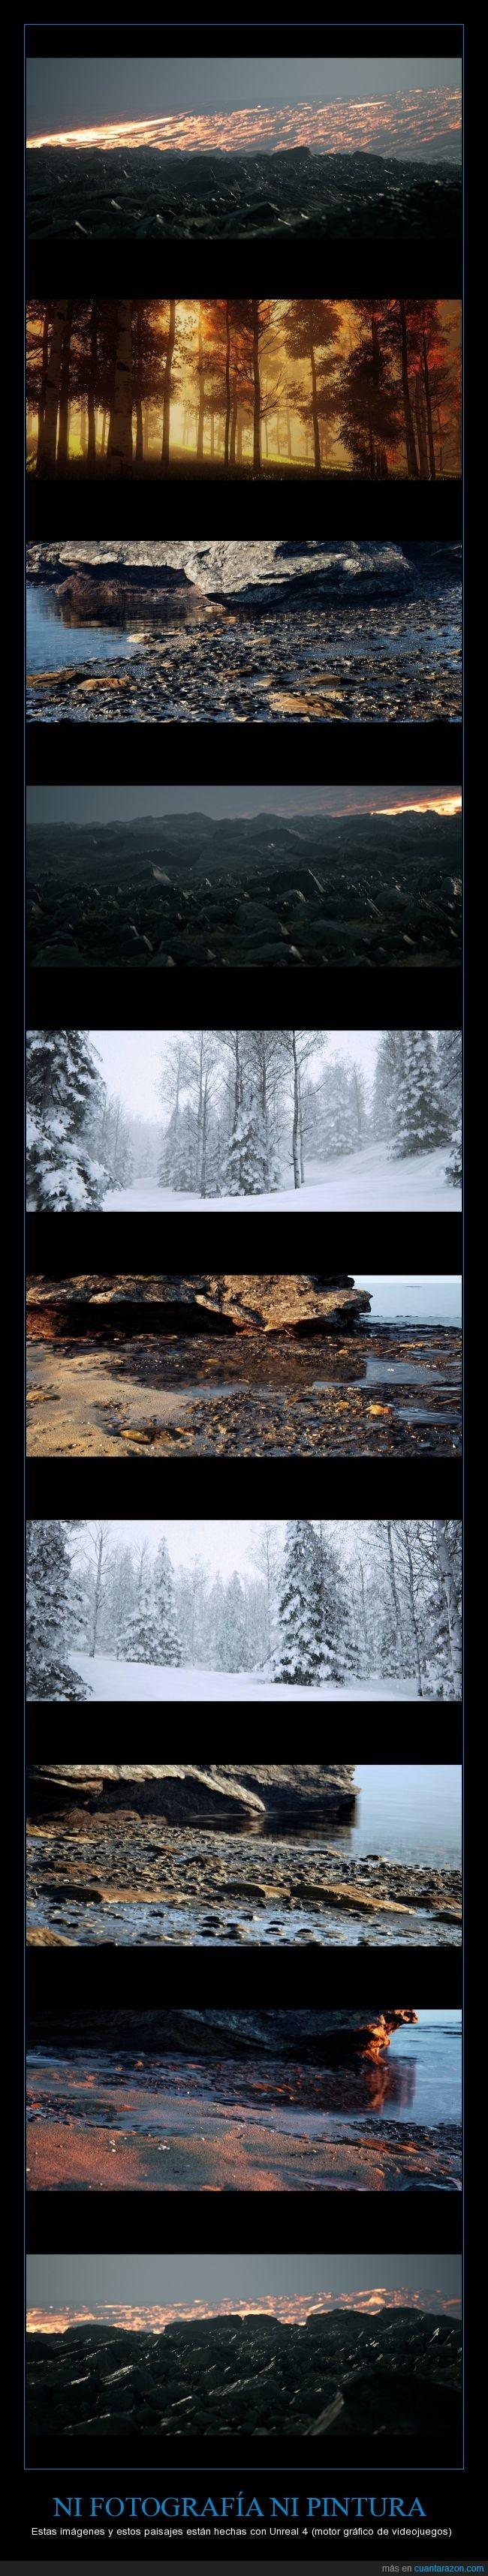 arte,bosque,digital,gamer,montaña,playa,unreal,unreal 4,videojuego